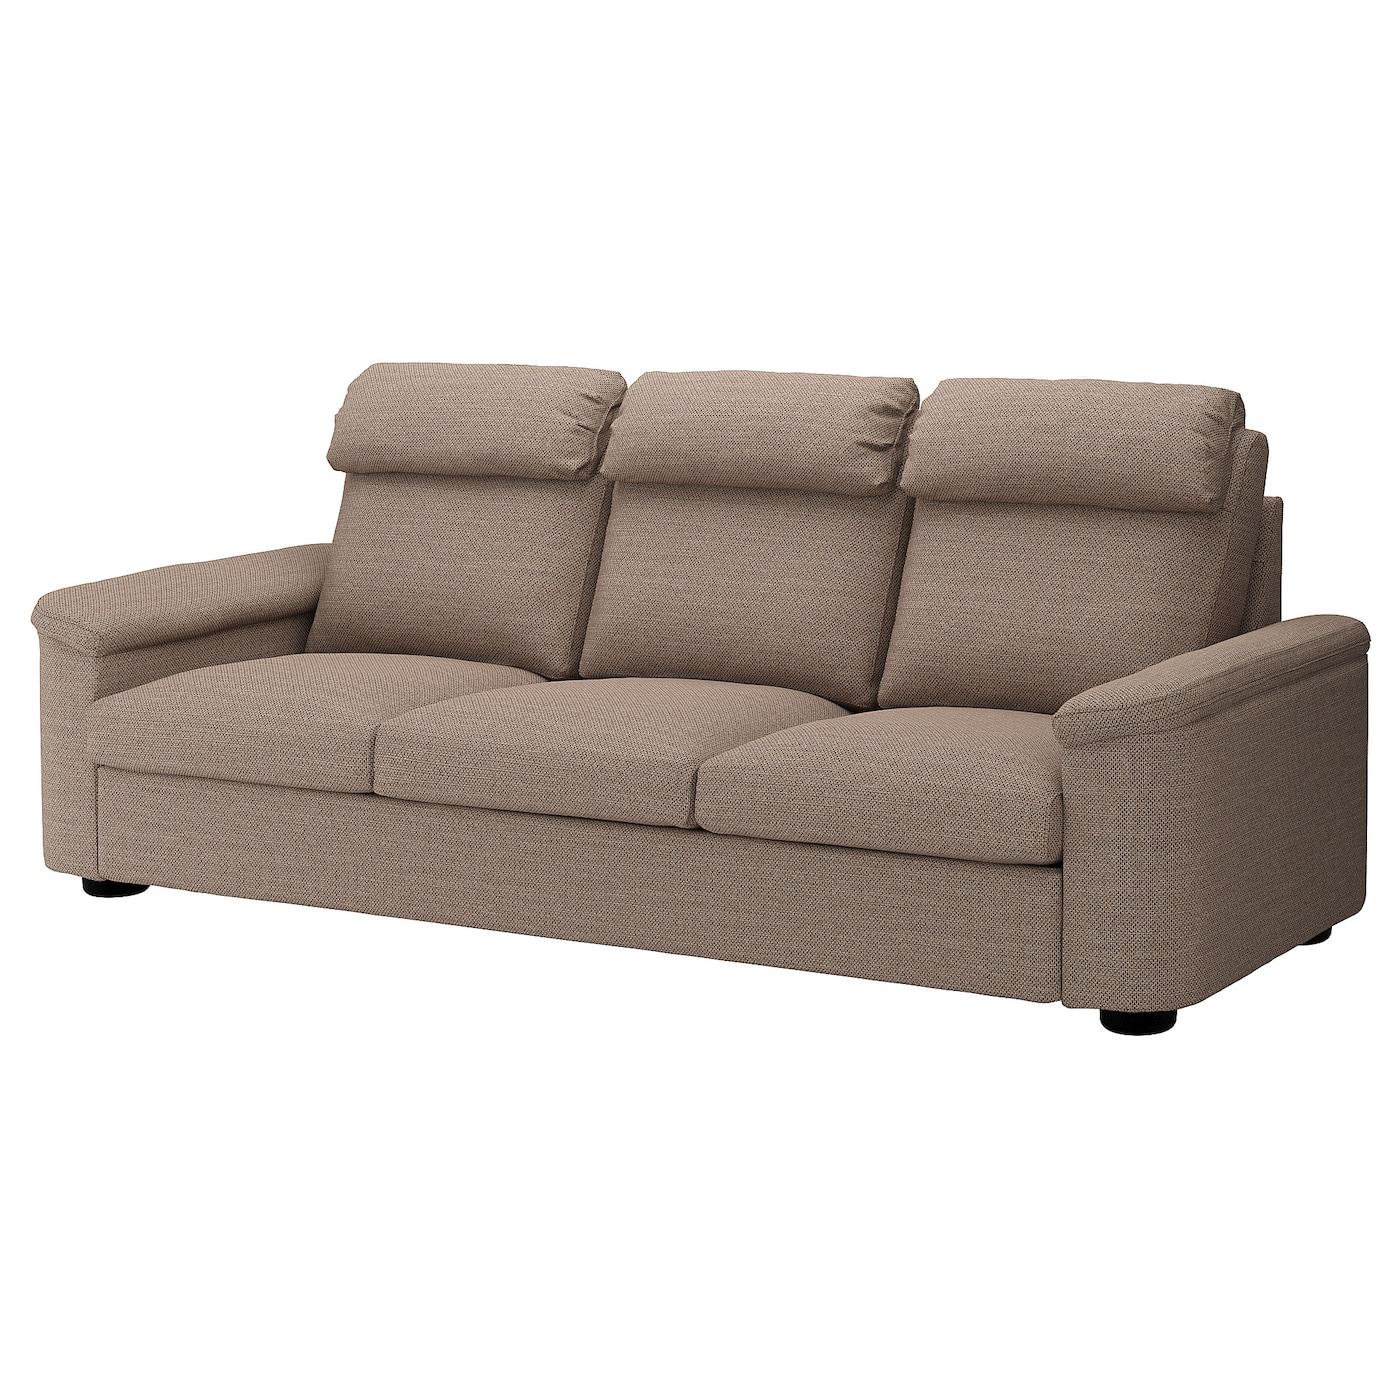 IKEA LIDHULT Sofa 3-osobowa, Lejde beż/brąz